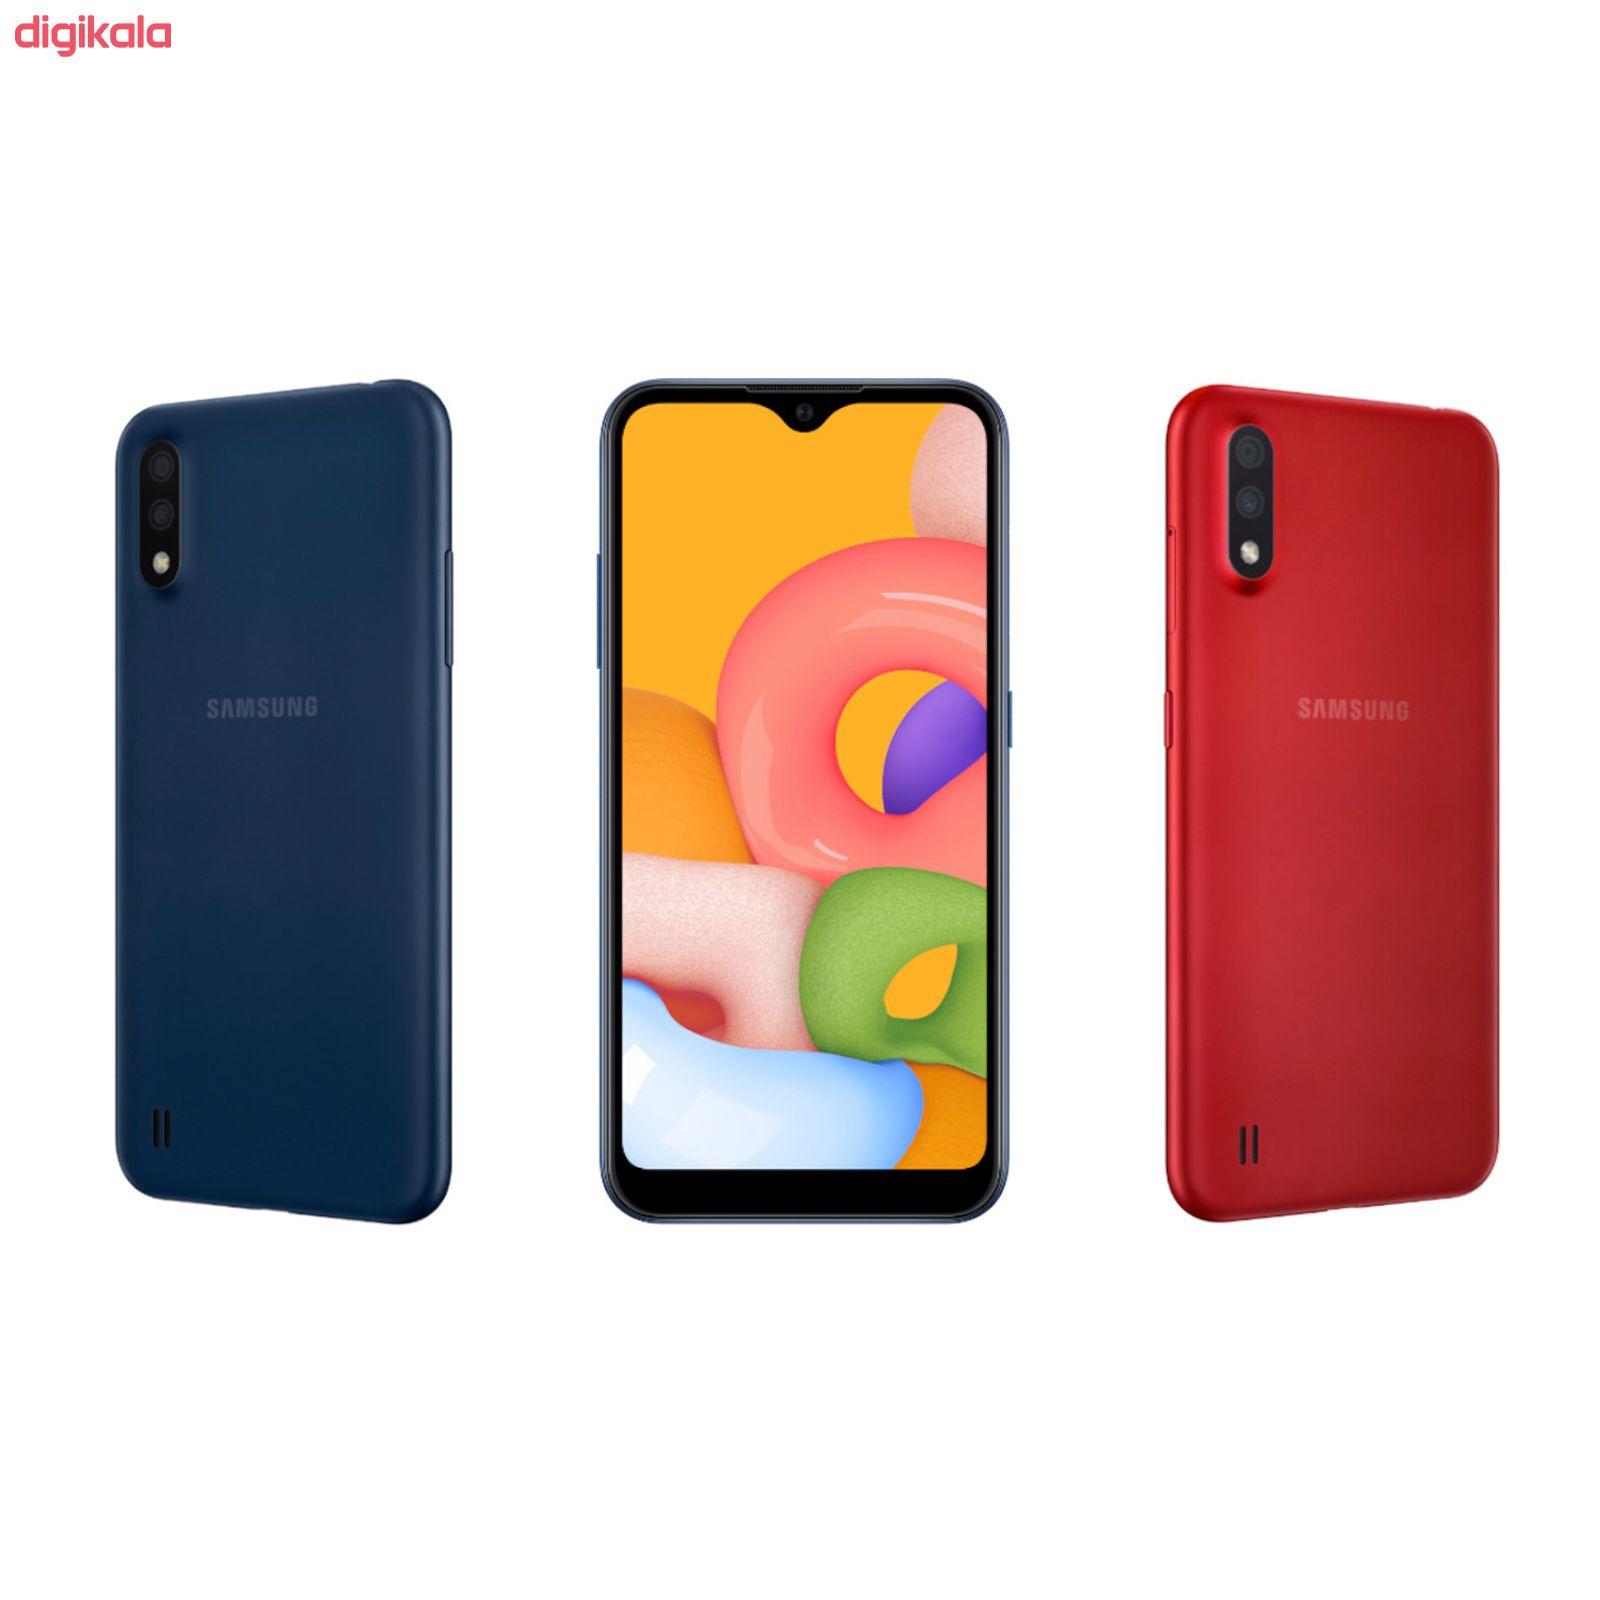 گوشی موبایل سامسونگ مدل Galaxy A01 SM-A015F/DS دو سیم کارت ظرفیت 16 گیگابایت main 1 7